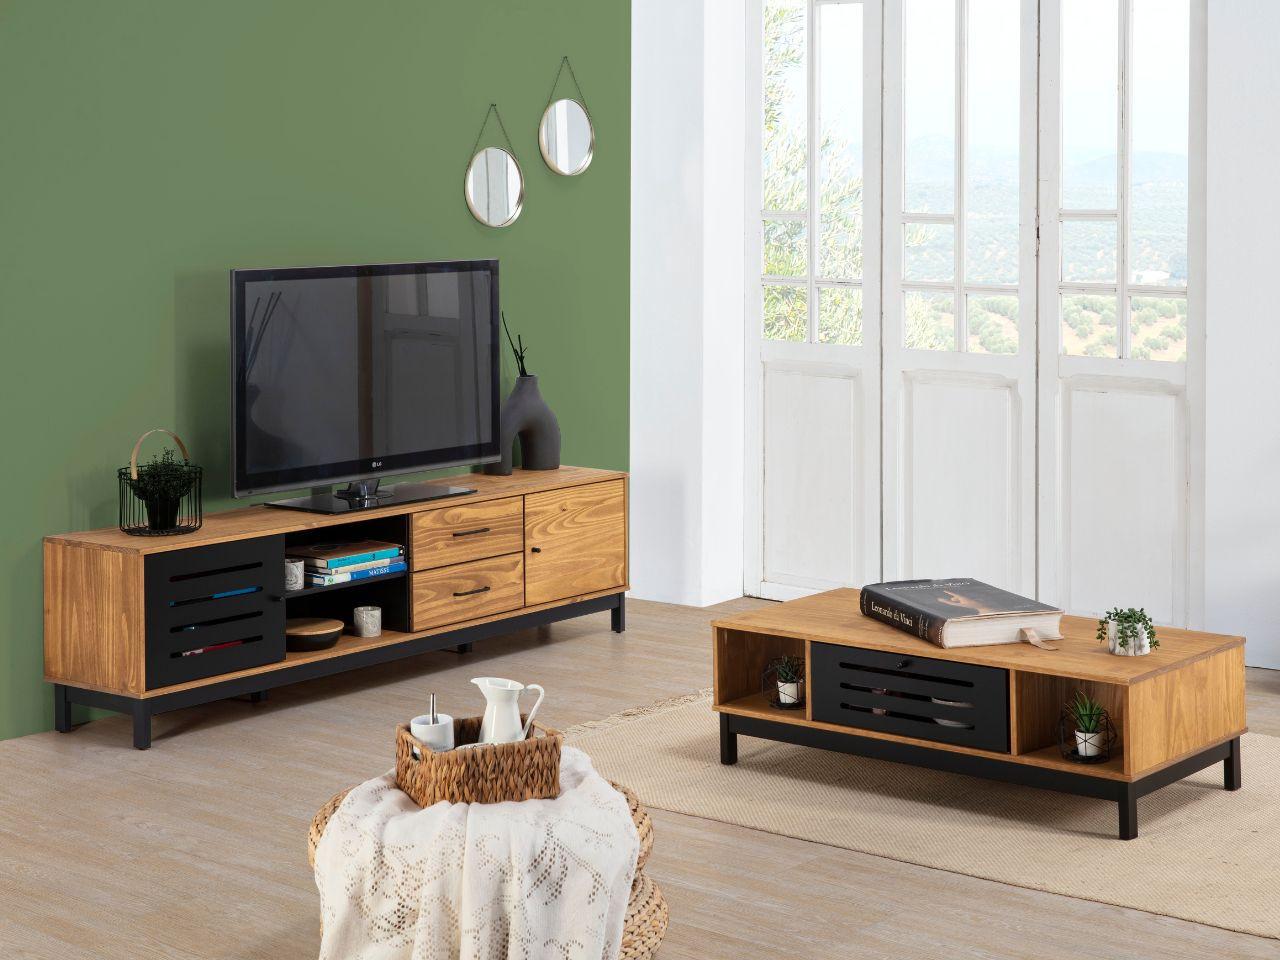 Dormitorios Juveniles Y Habitaciones Juveniles Dormitorios  ~ Decoracion Habitacion Juvenil Pequeña